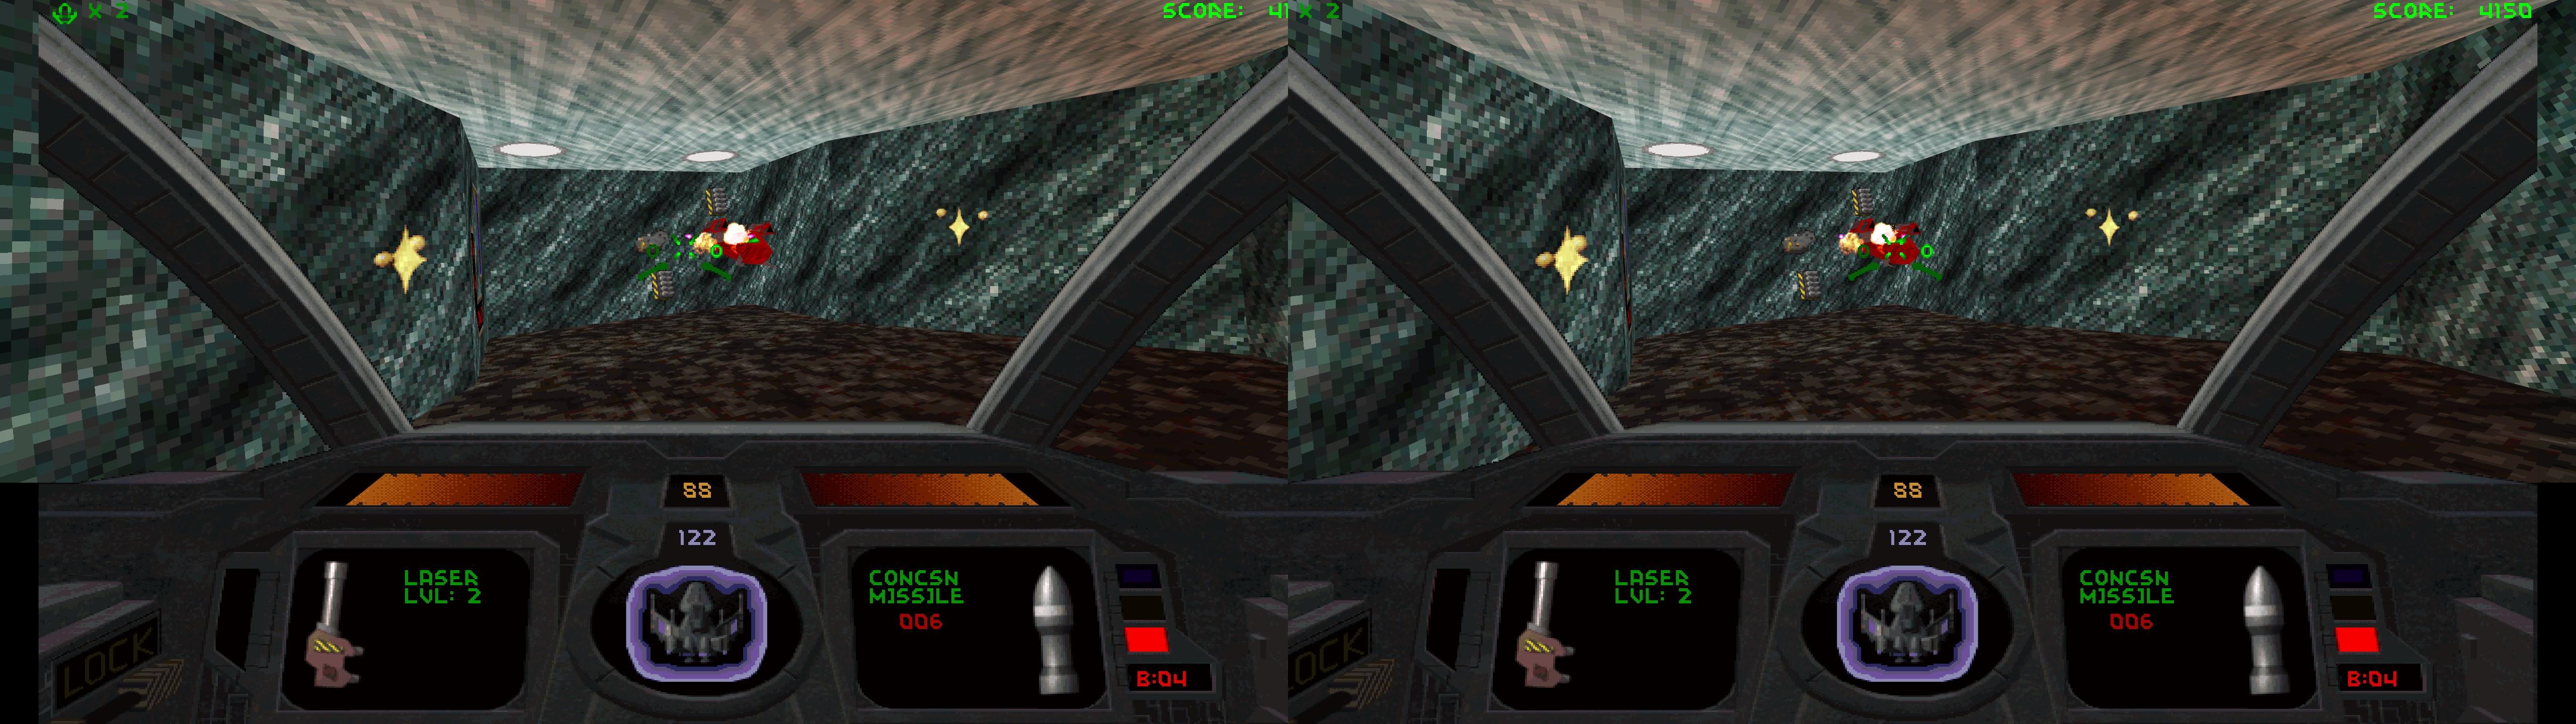 Helix Mod: Descent 1 - 2 (DXX-Rebirth) [OpenGL]